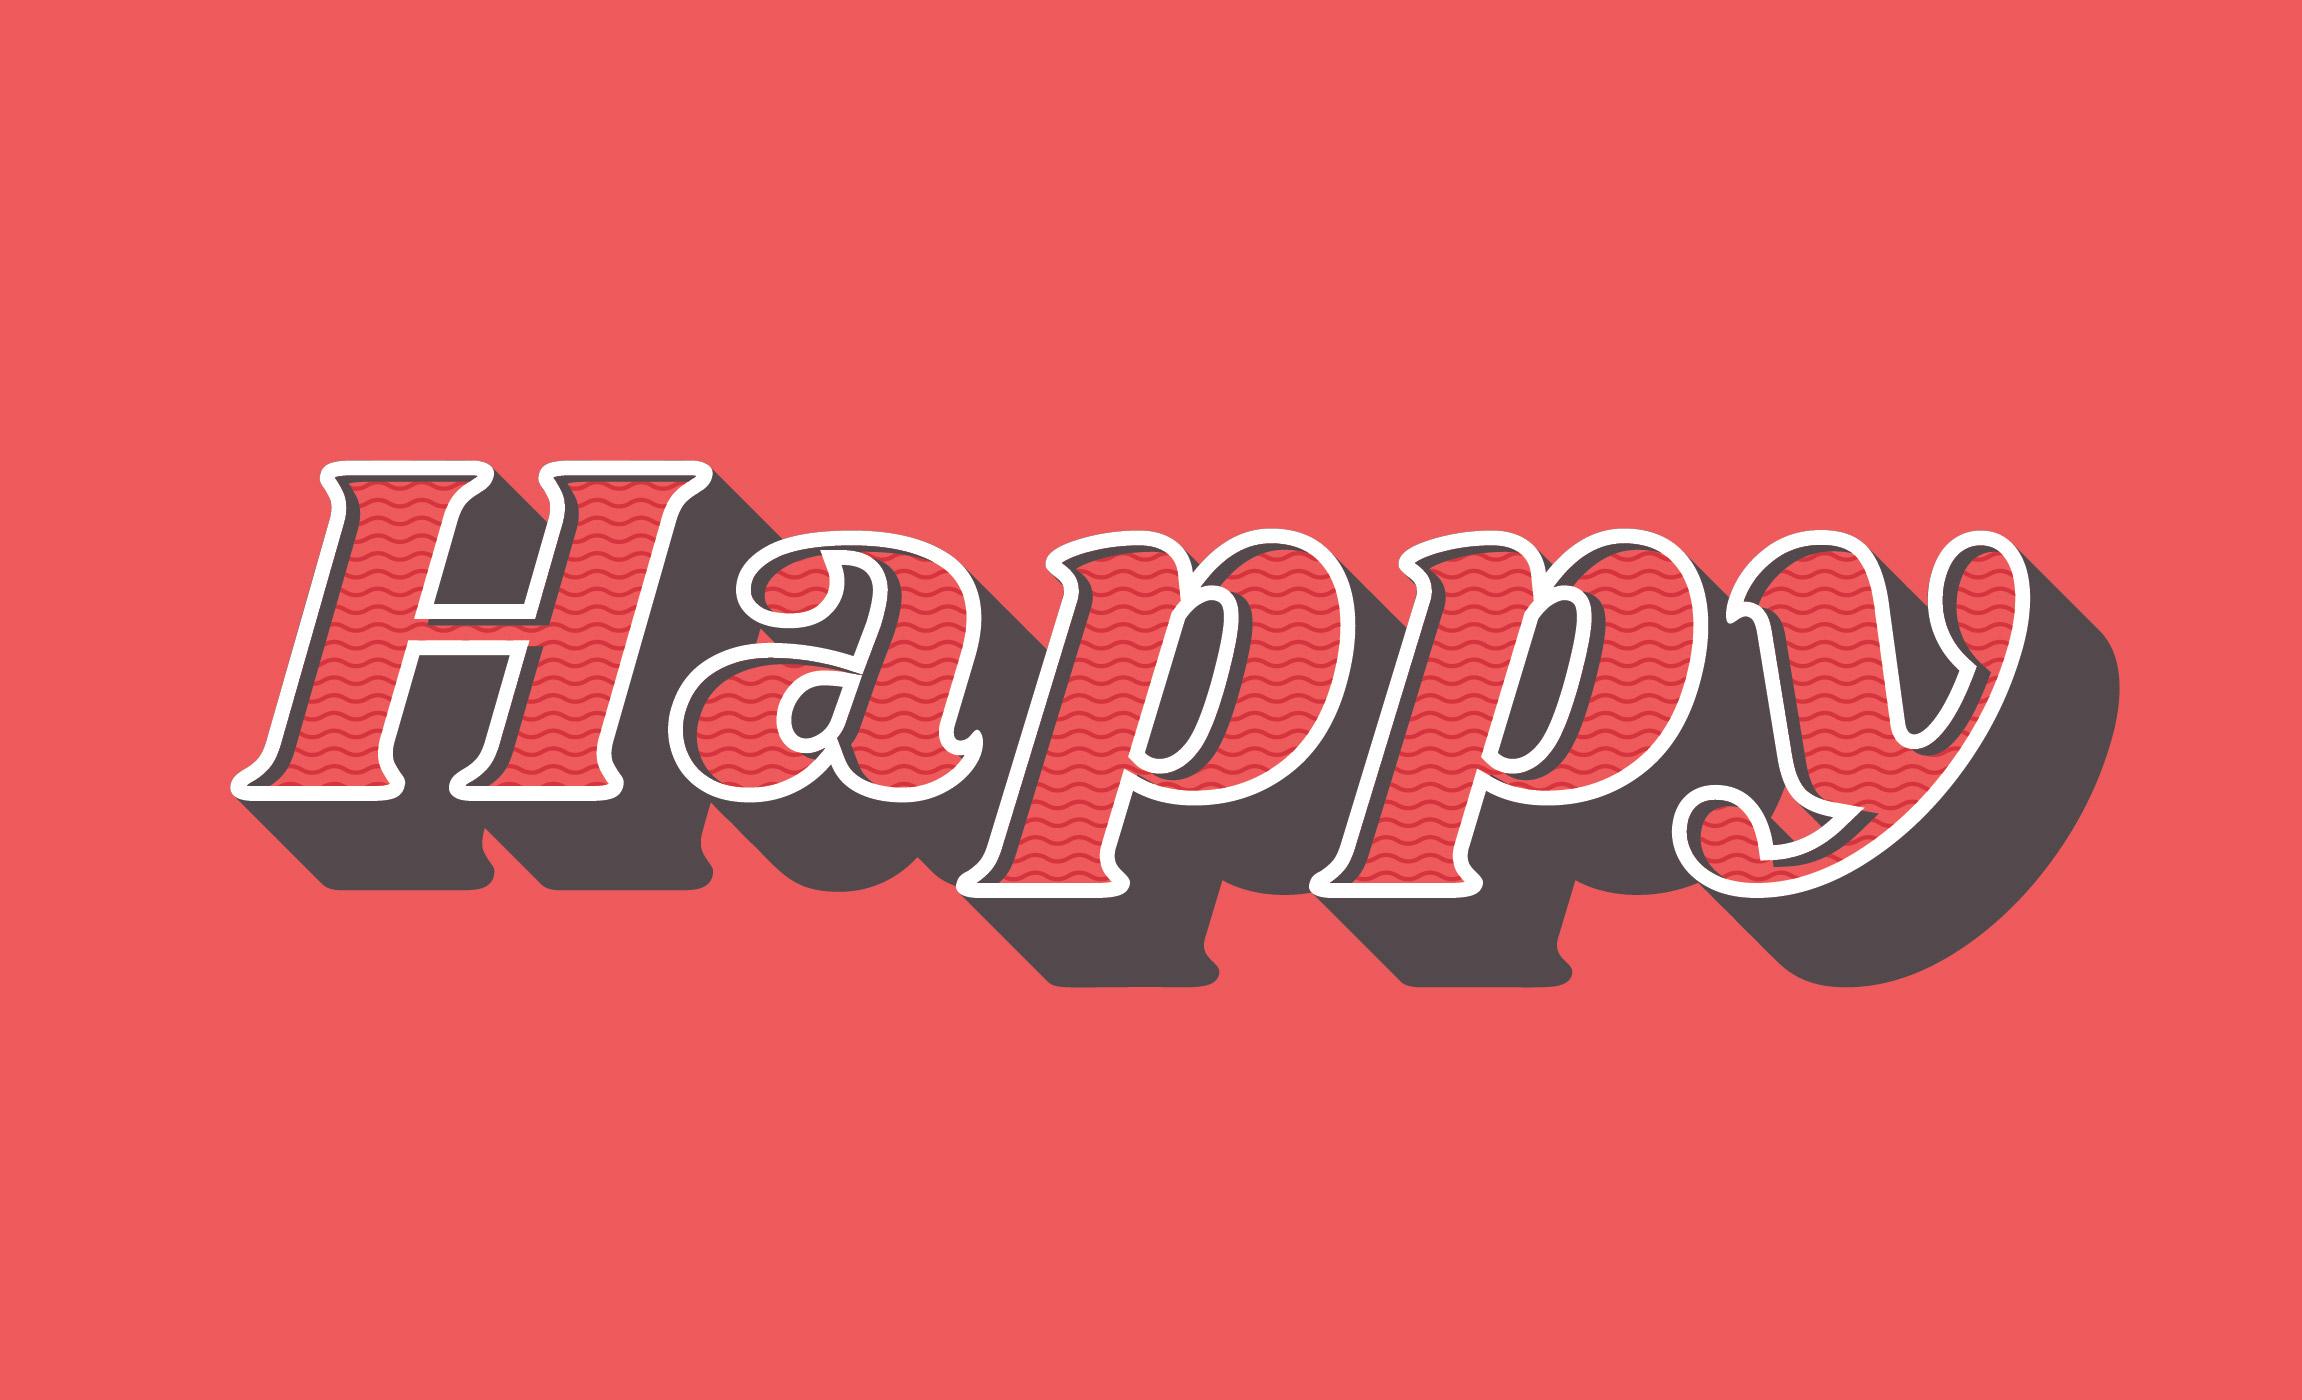 happy retro typography